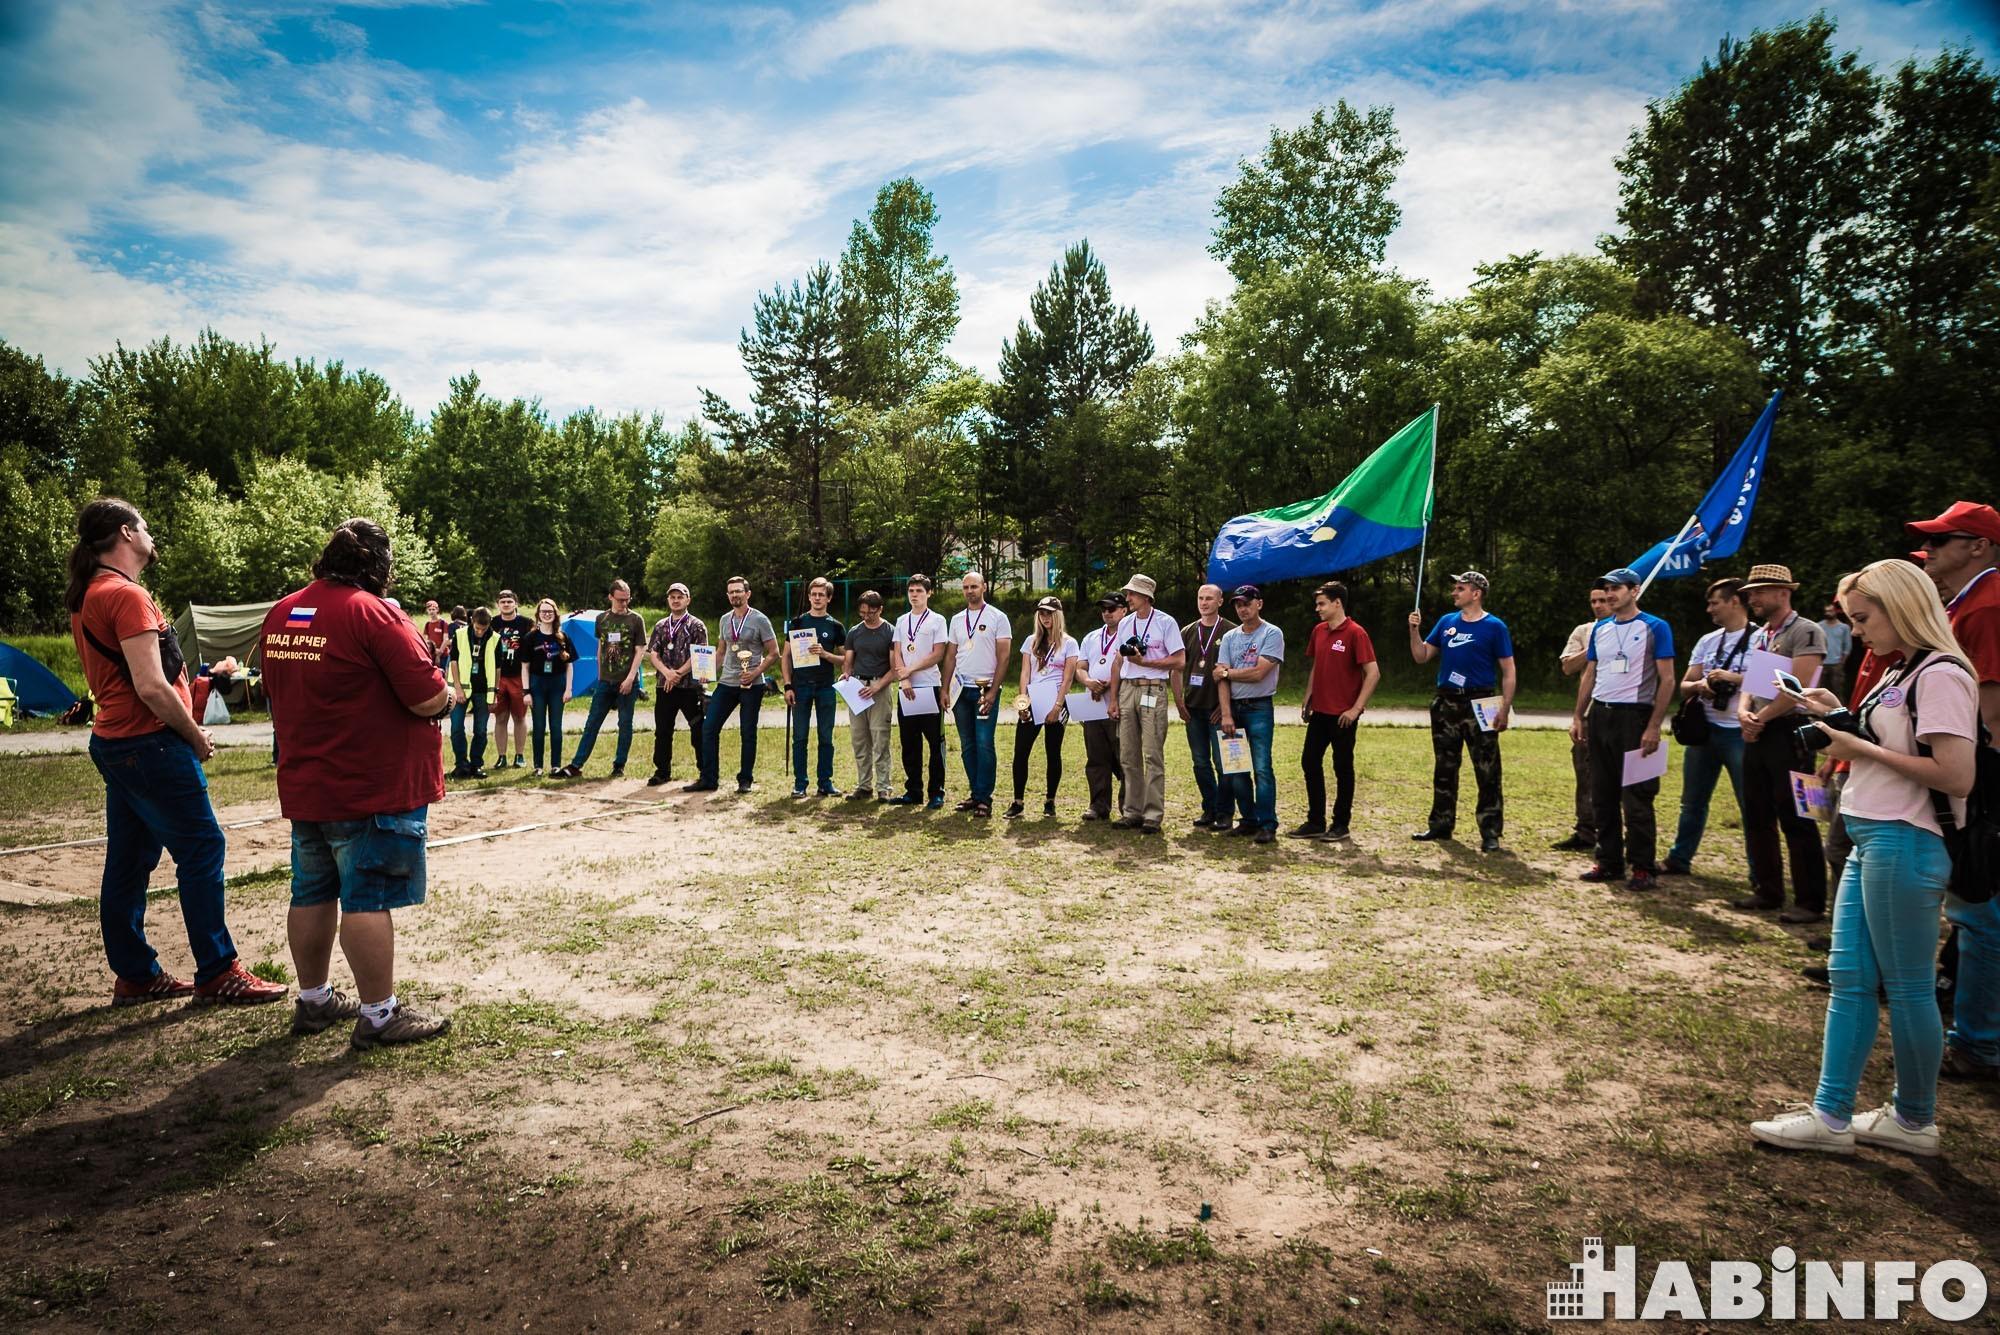 Отстрелялись: лучники со всего Дальнего Востока съехались на соревнования в Хабаровск